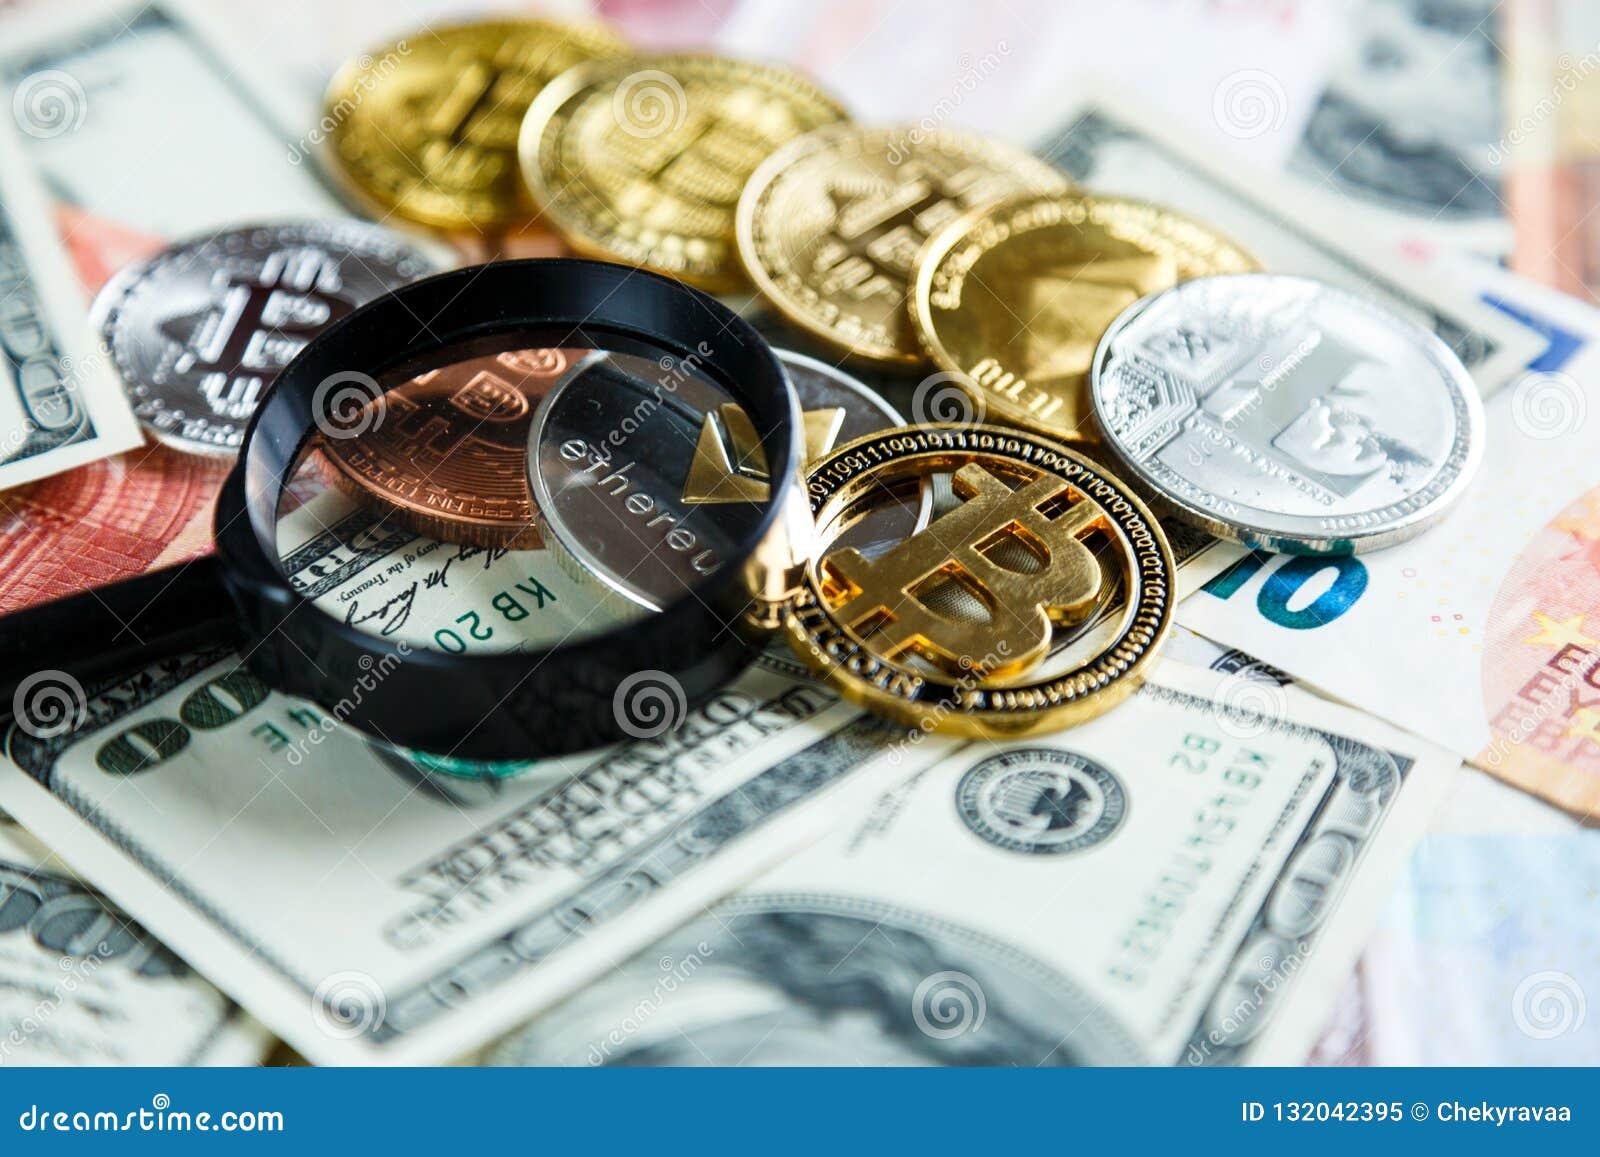 investimento de imagens bitcoin